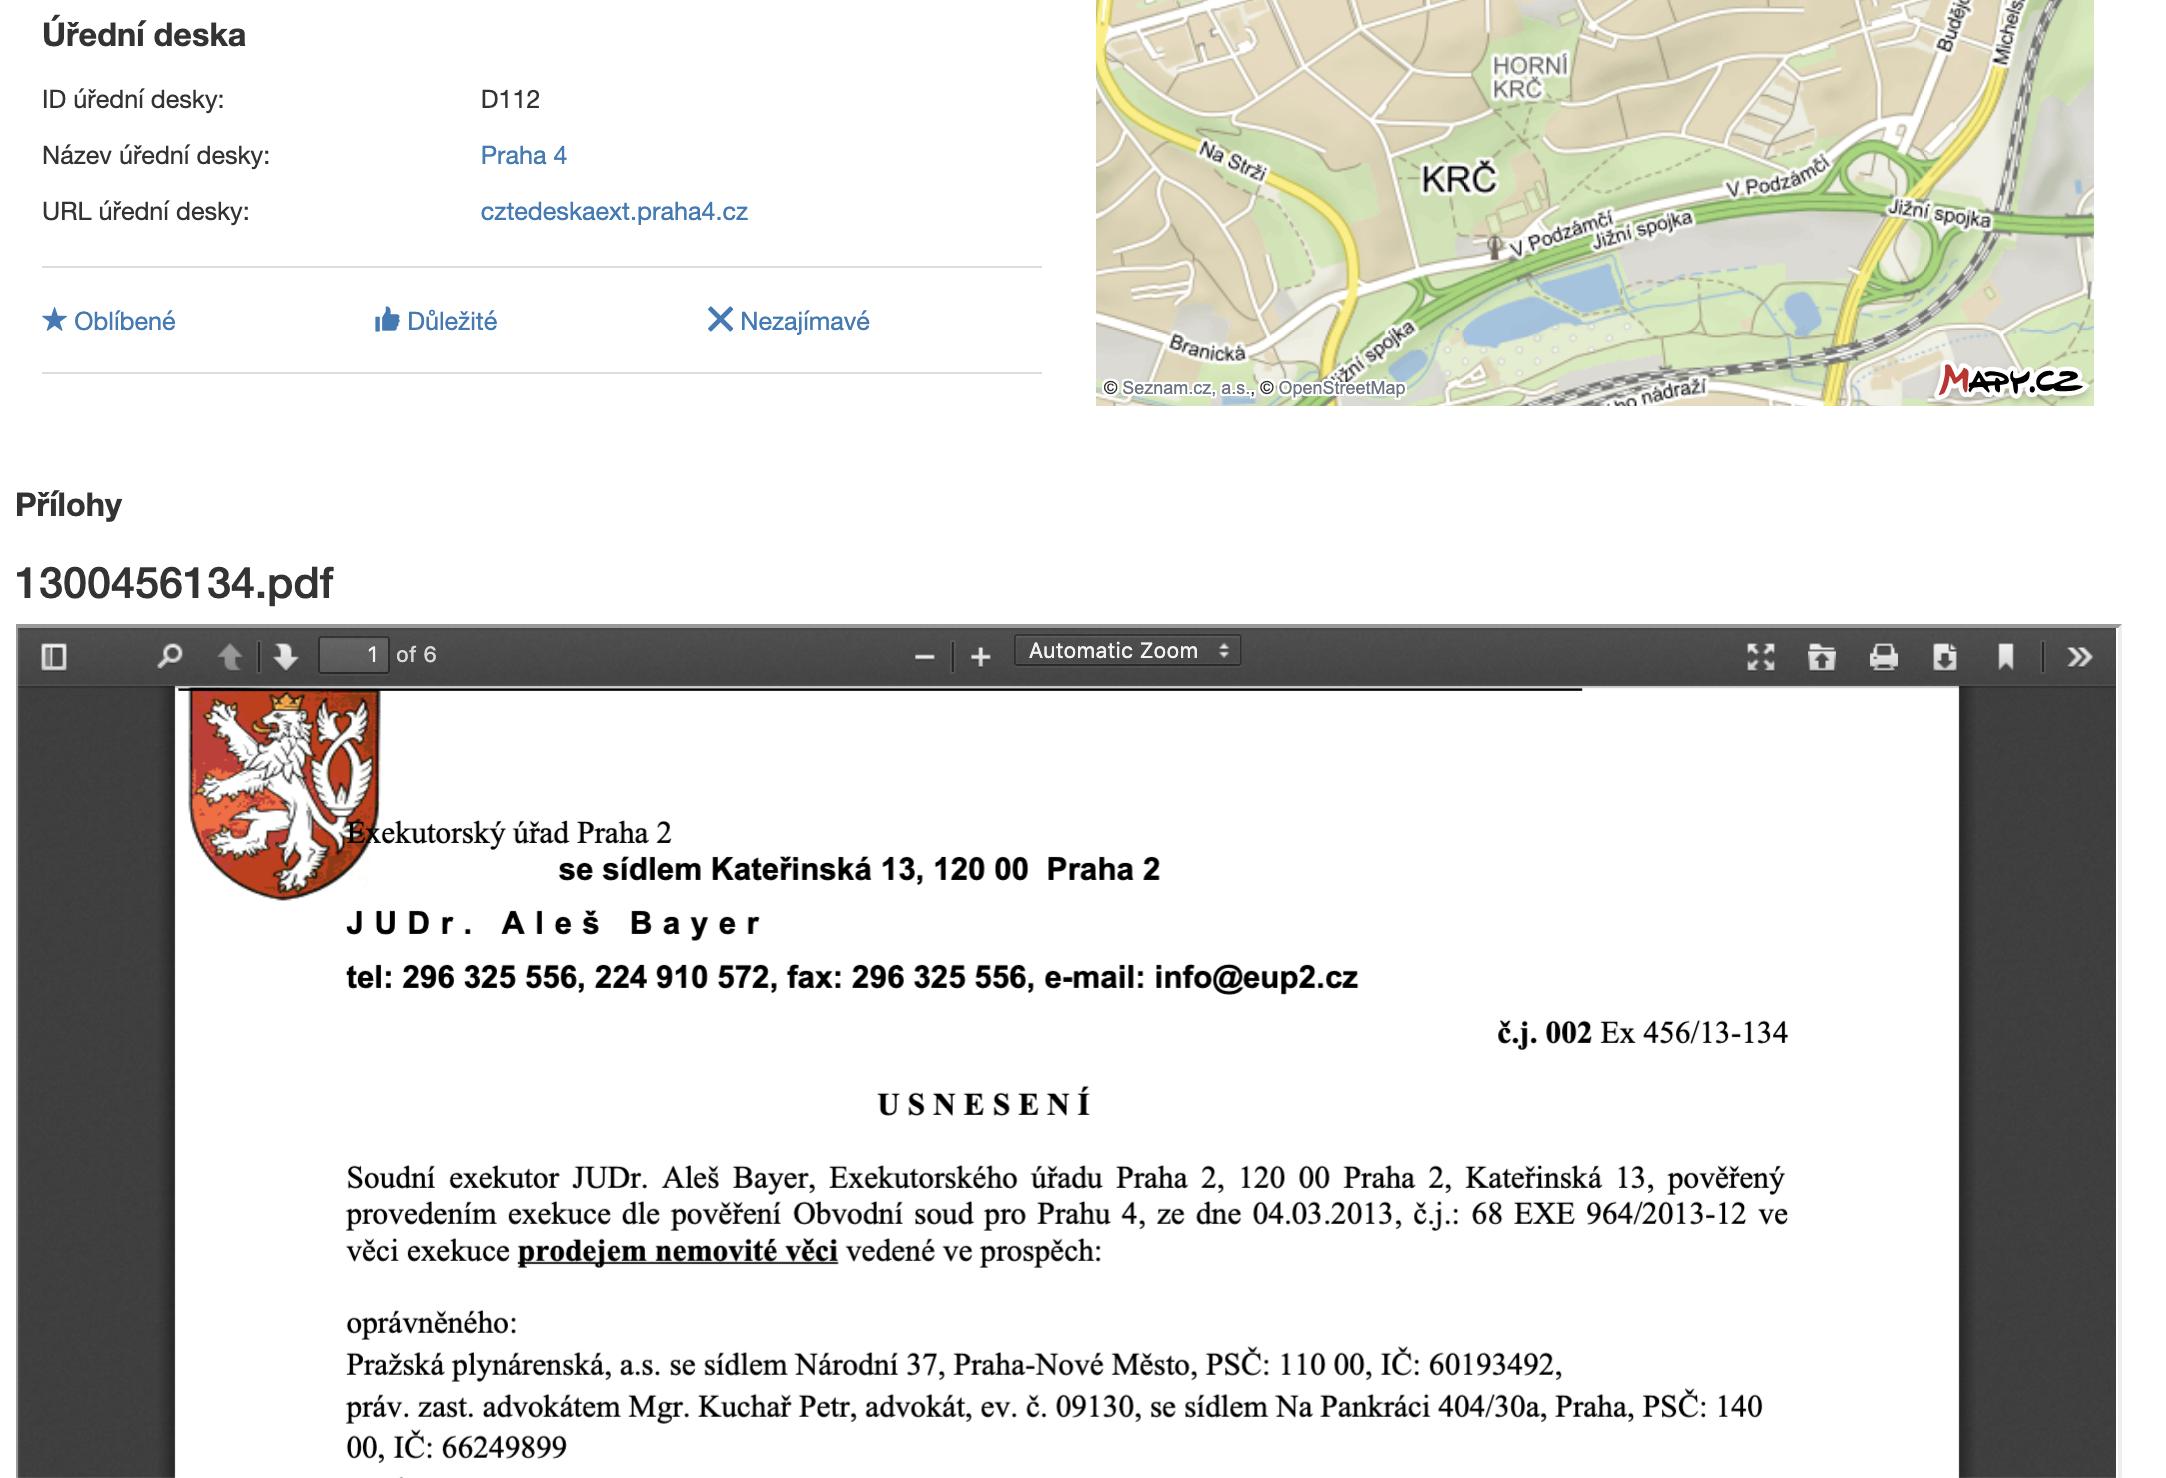 ADOL úřední desky - detail dokumentu